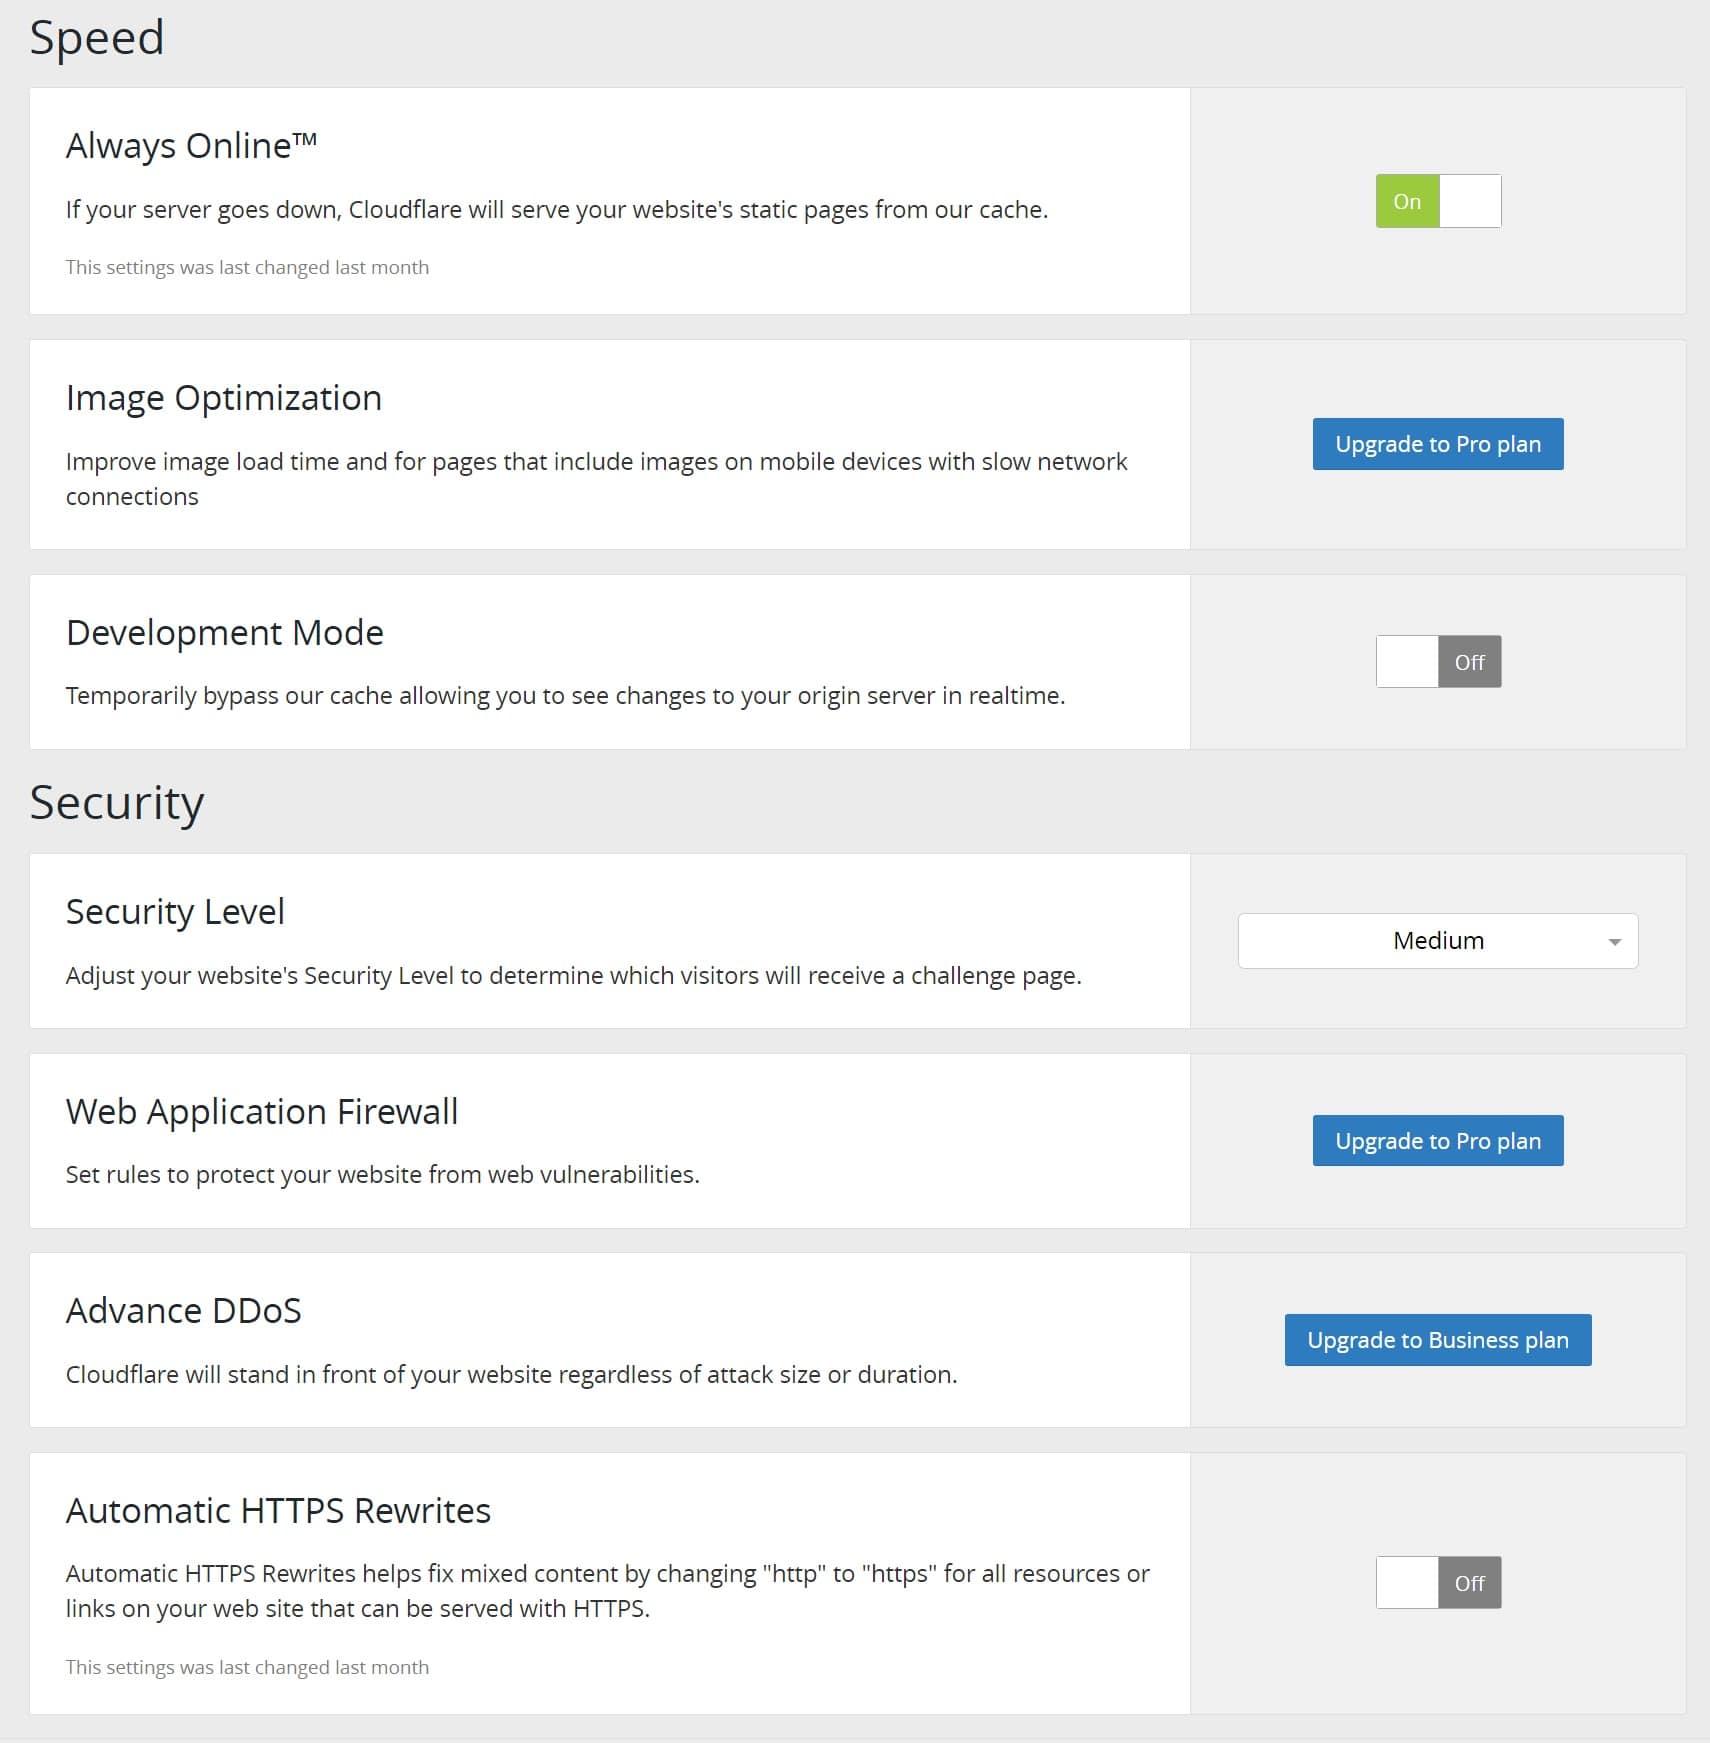 Configurações de velocidade e segurança do plugin Cloudflare